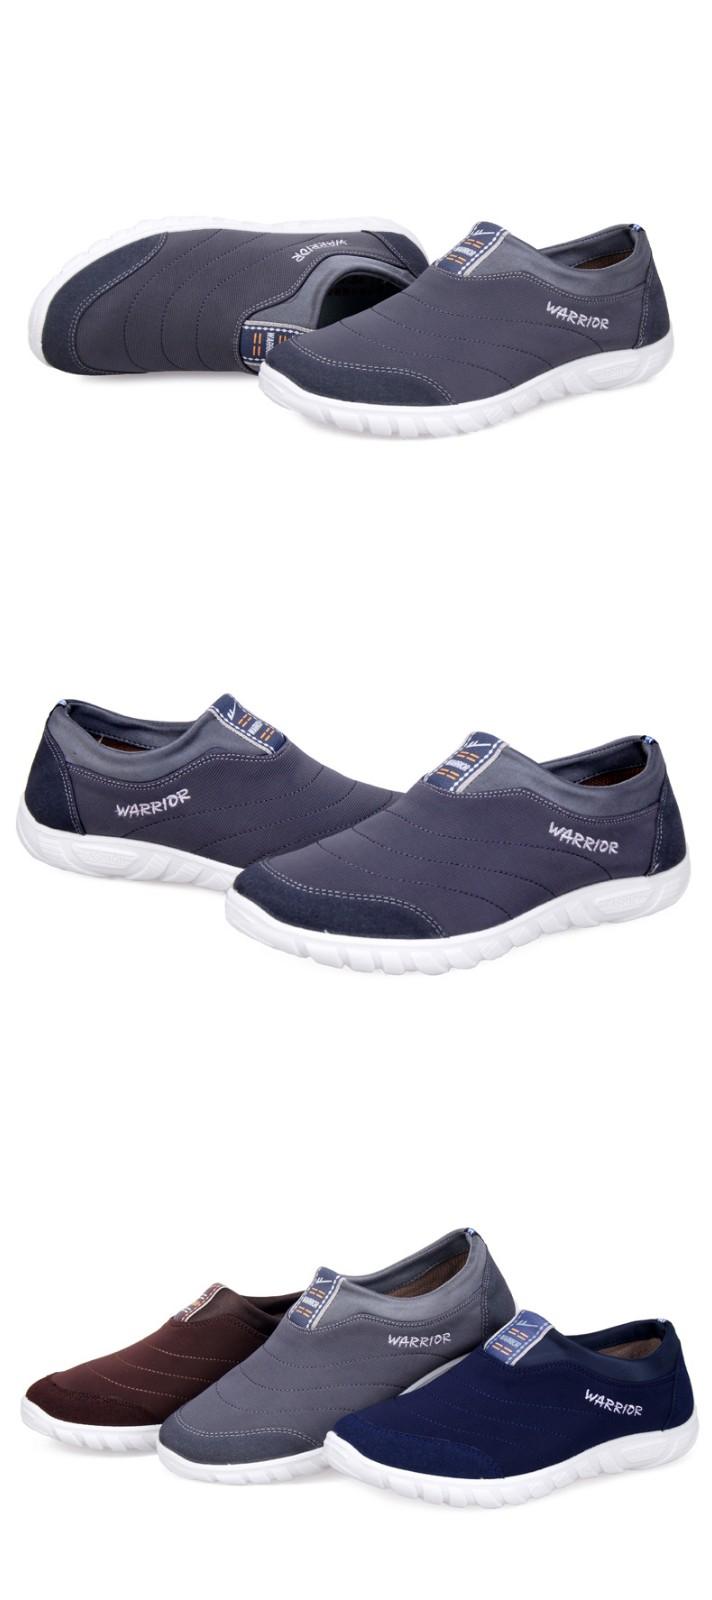 回力男鞋帆布鞋子一脚蹬懒人鞋男士潮流韩版布鞋透气鞋图片十五